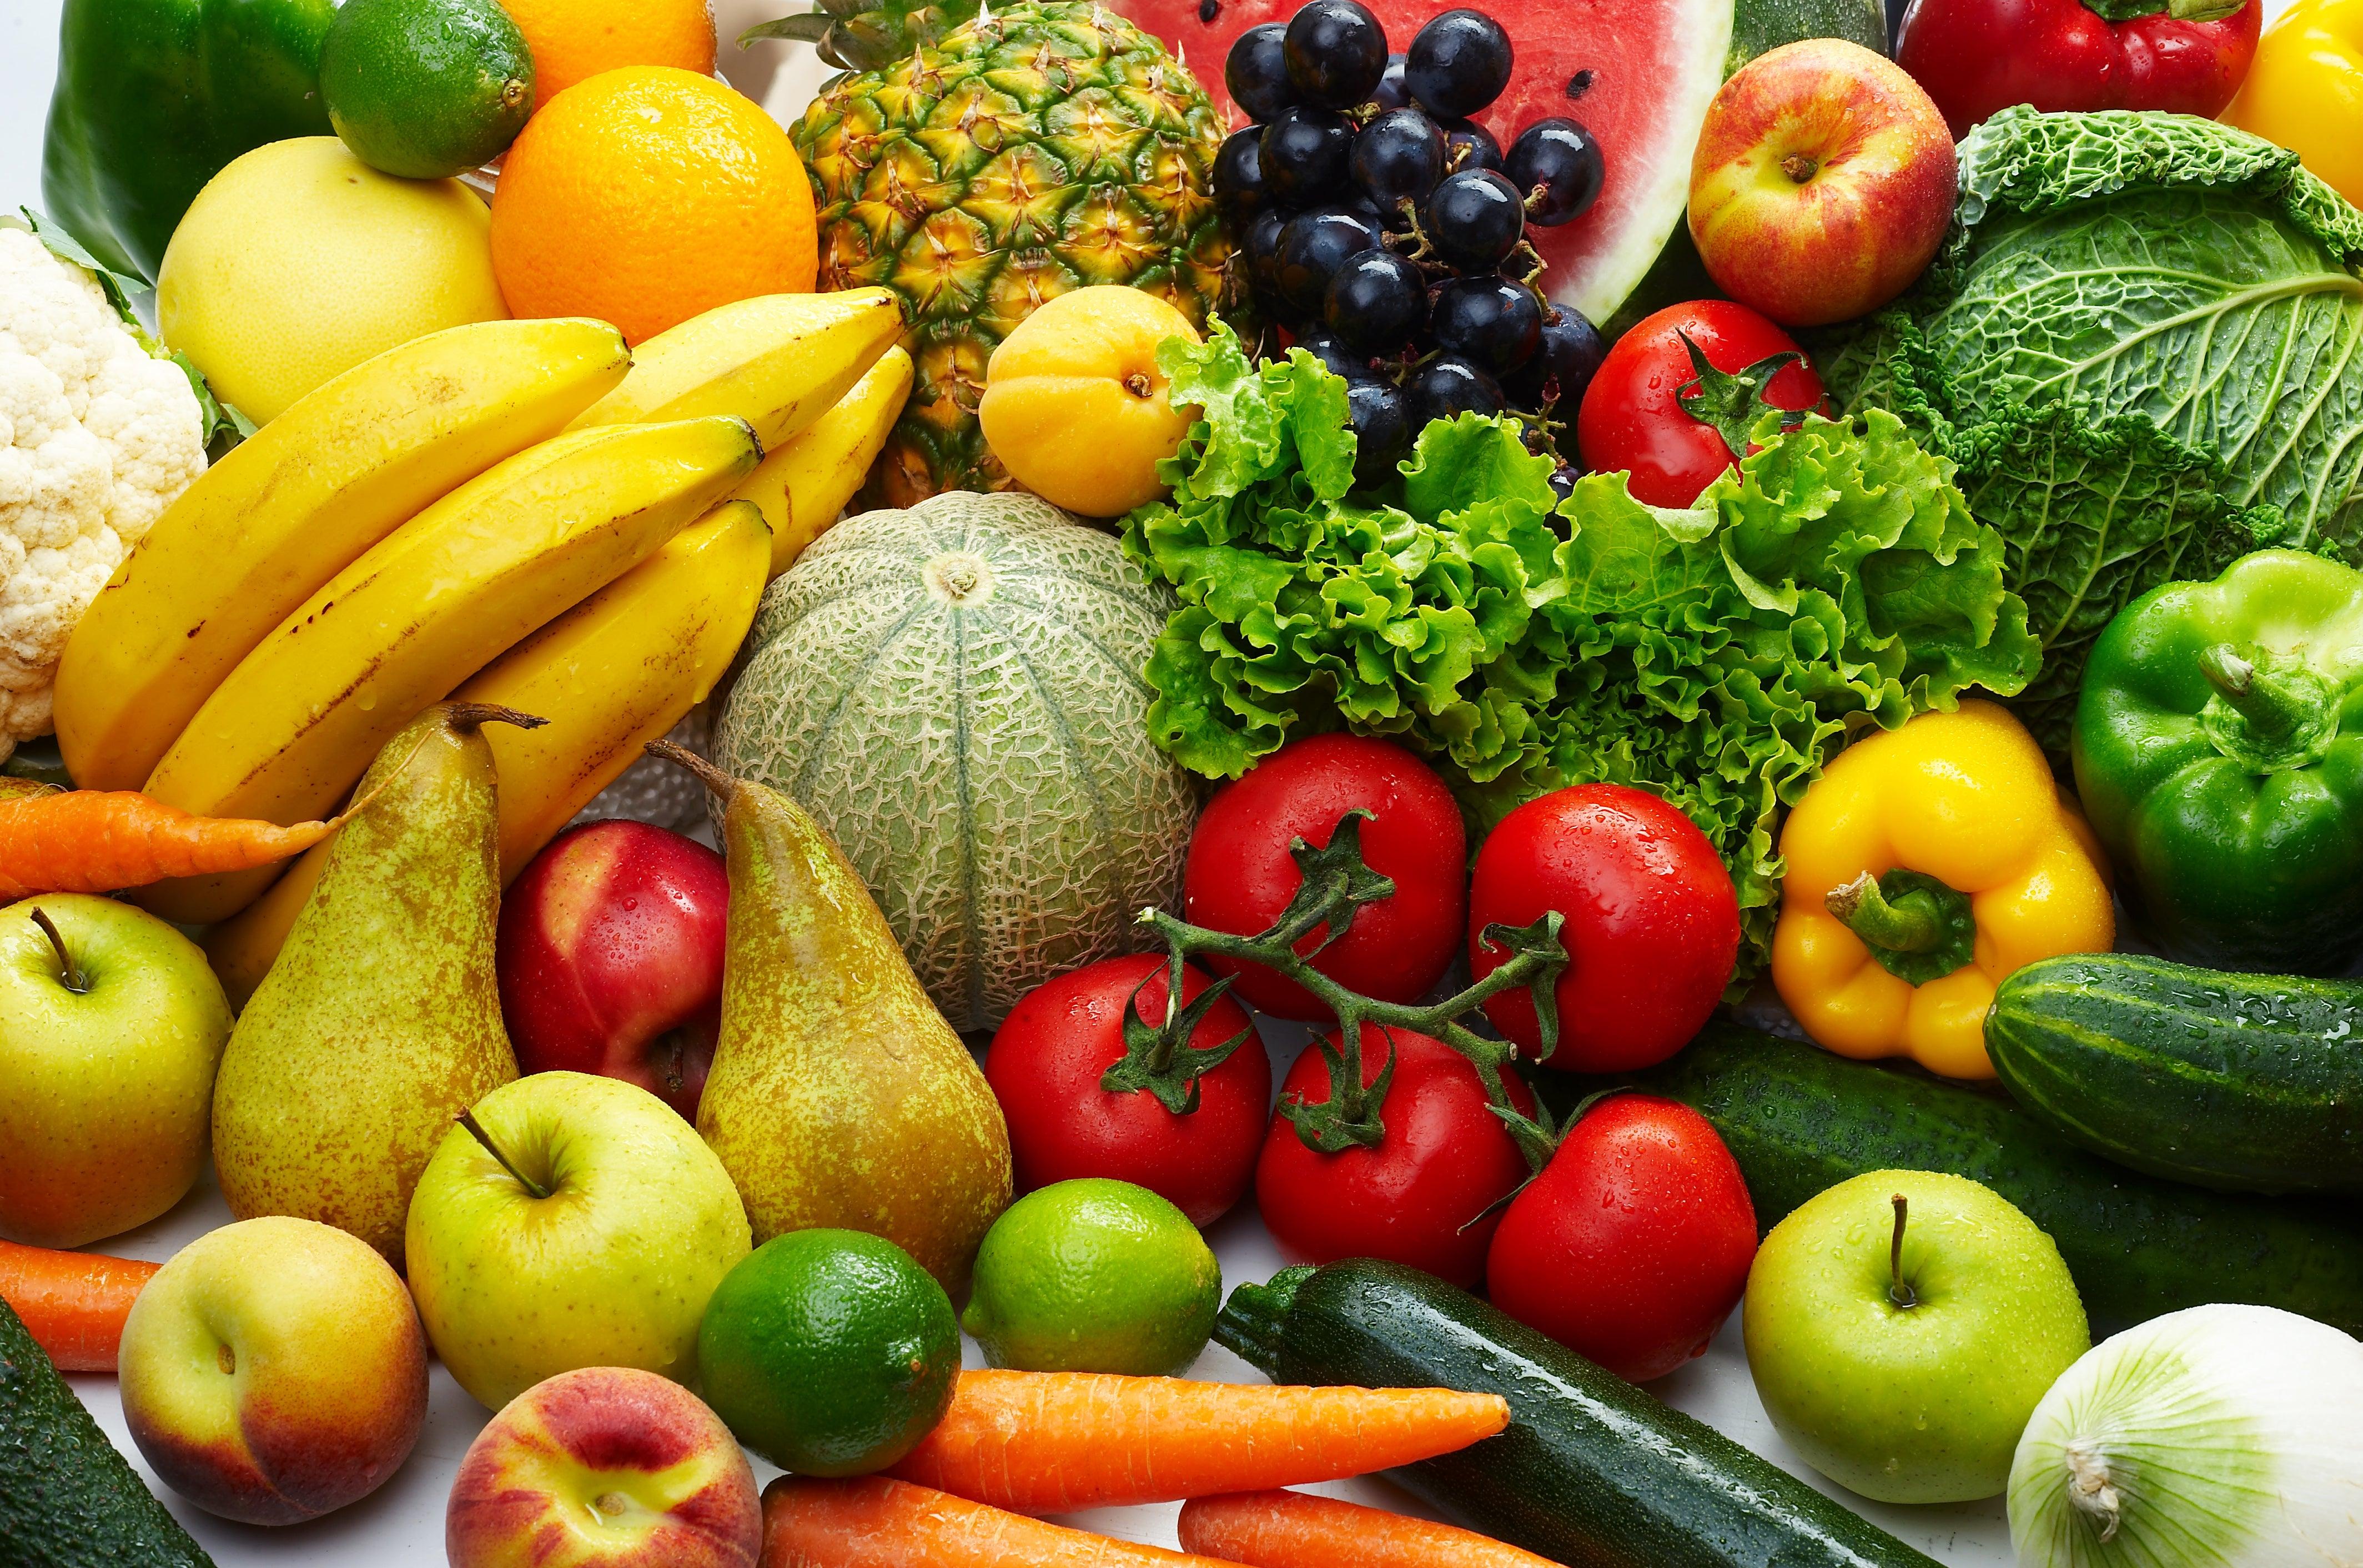 Avances en seguridad alimentaria